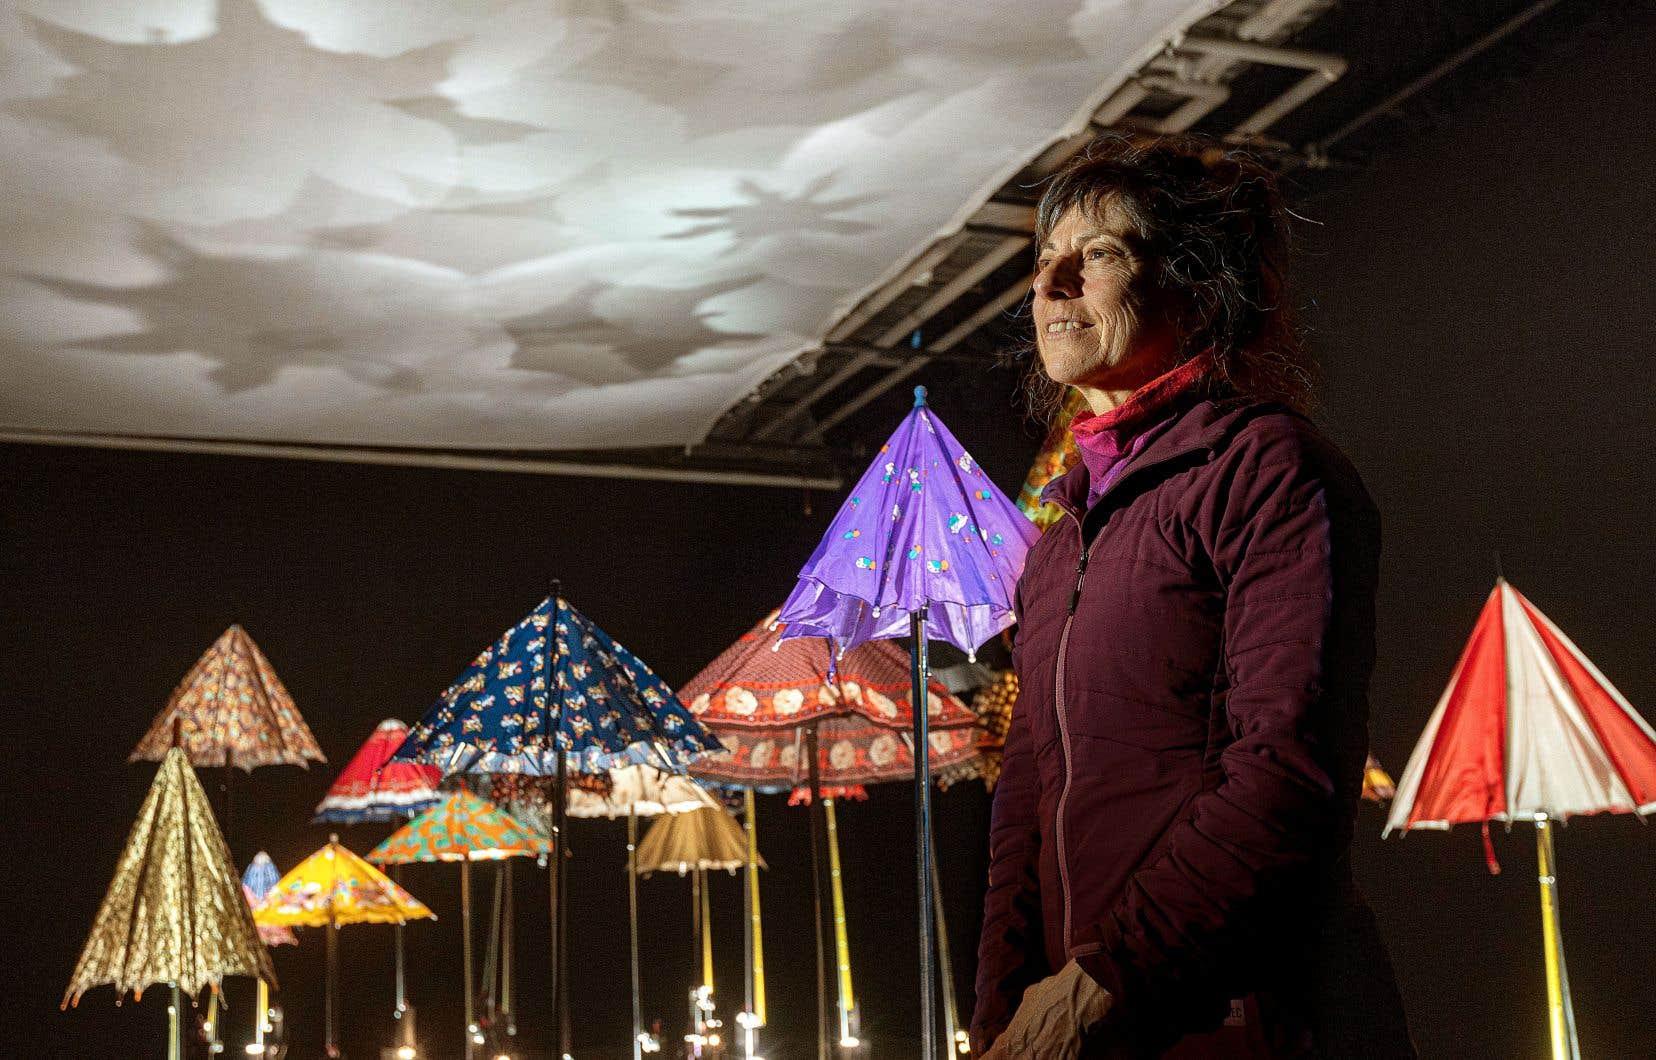 Quand Peggy Gale, la commissaire de la Biennale de Montréal 2000, a sollicité Diane Landry, celle-ci lui a parlé de ce projet anthropomorphique. Elle comptait y parler, avec une famille de parapluies, de vie et de mort, d'éveil et de sommeil.